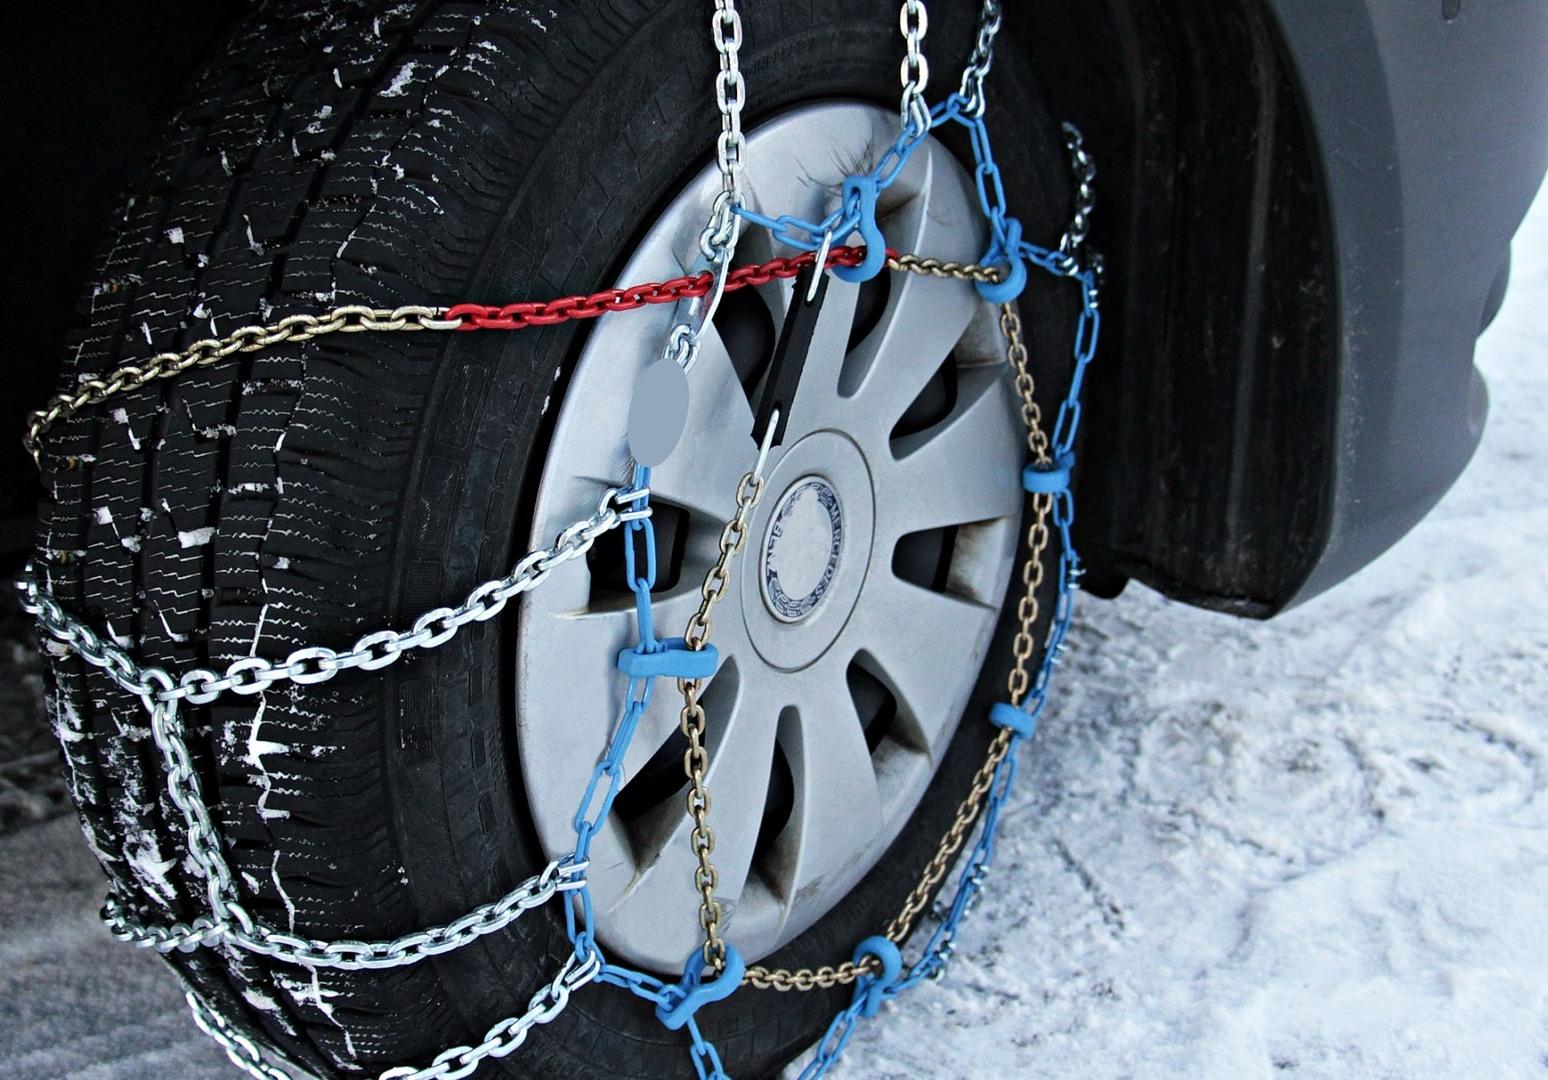 Вызволяем автомобиль из глубокого снега